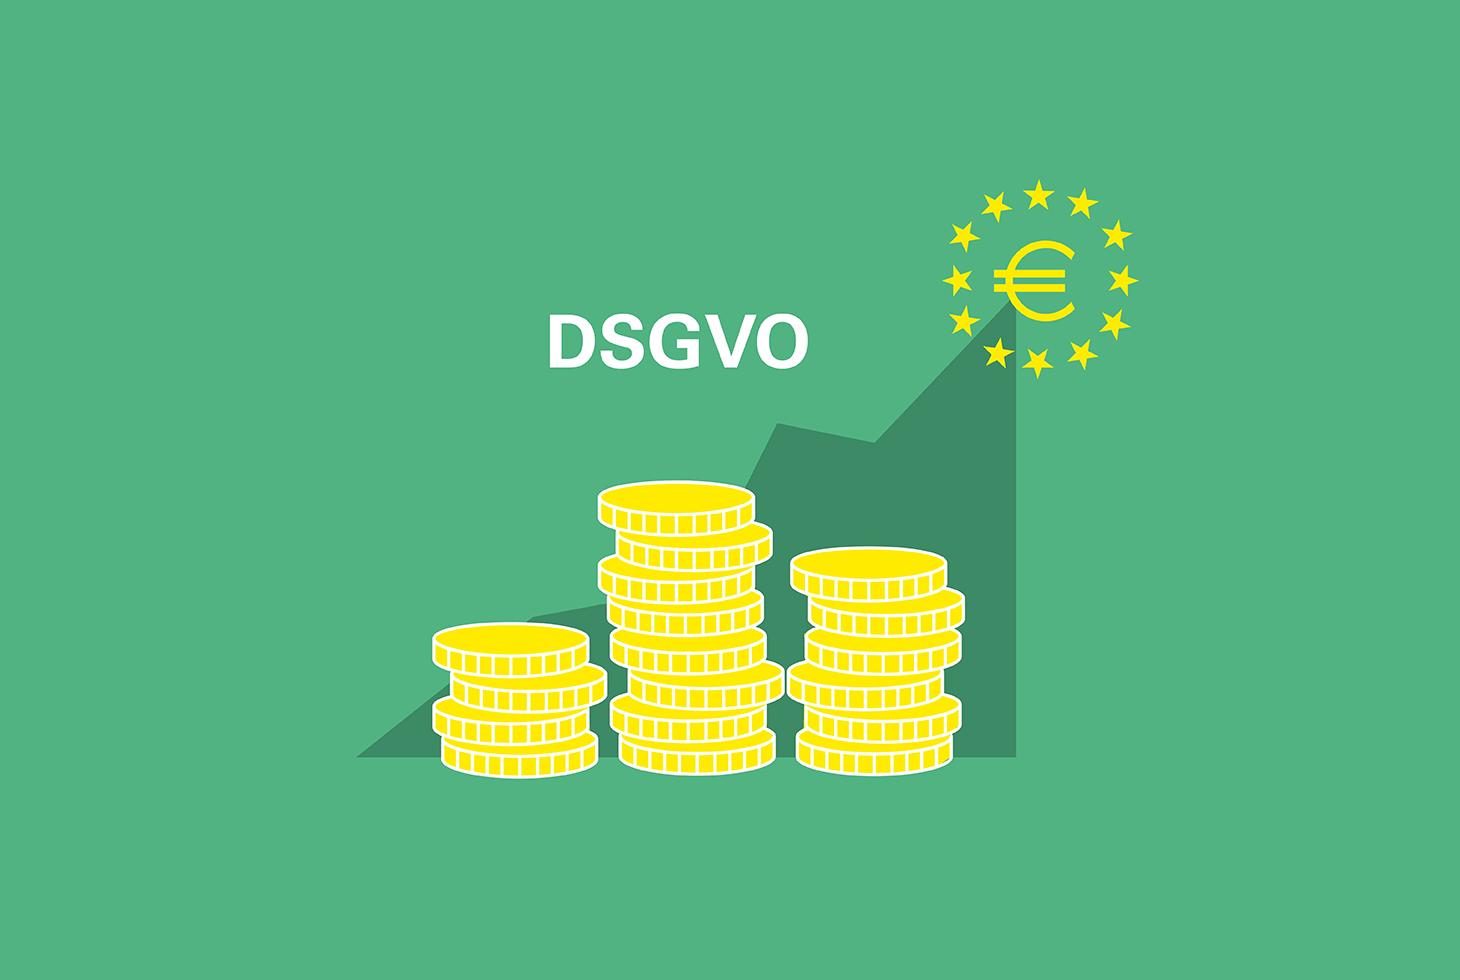 DSGVO: Neues Modell zur Berechnung von Bußgeldern in Millionenhöhe